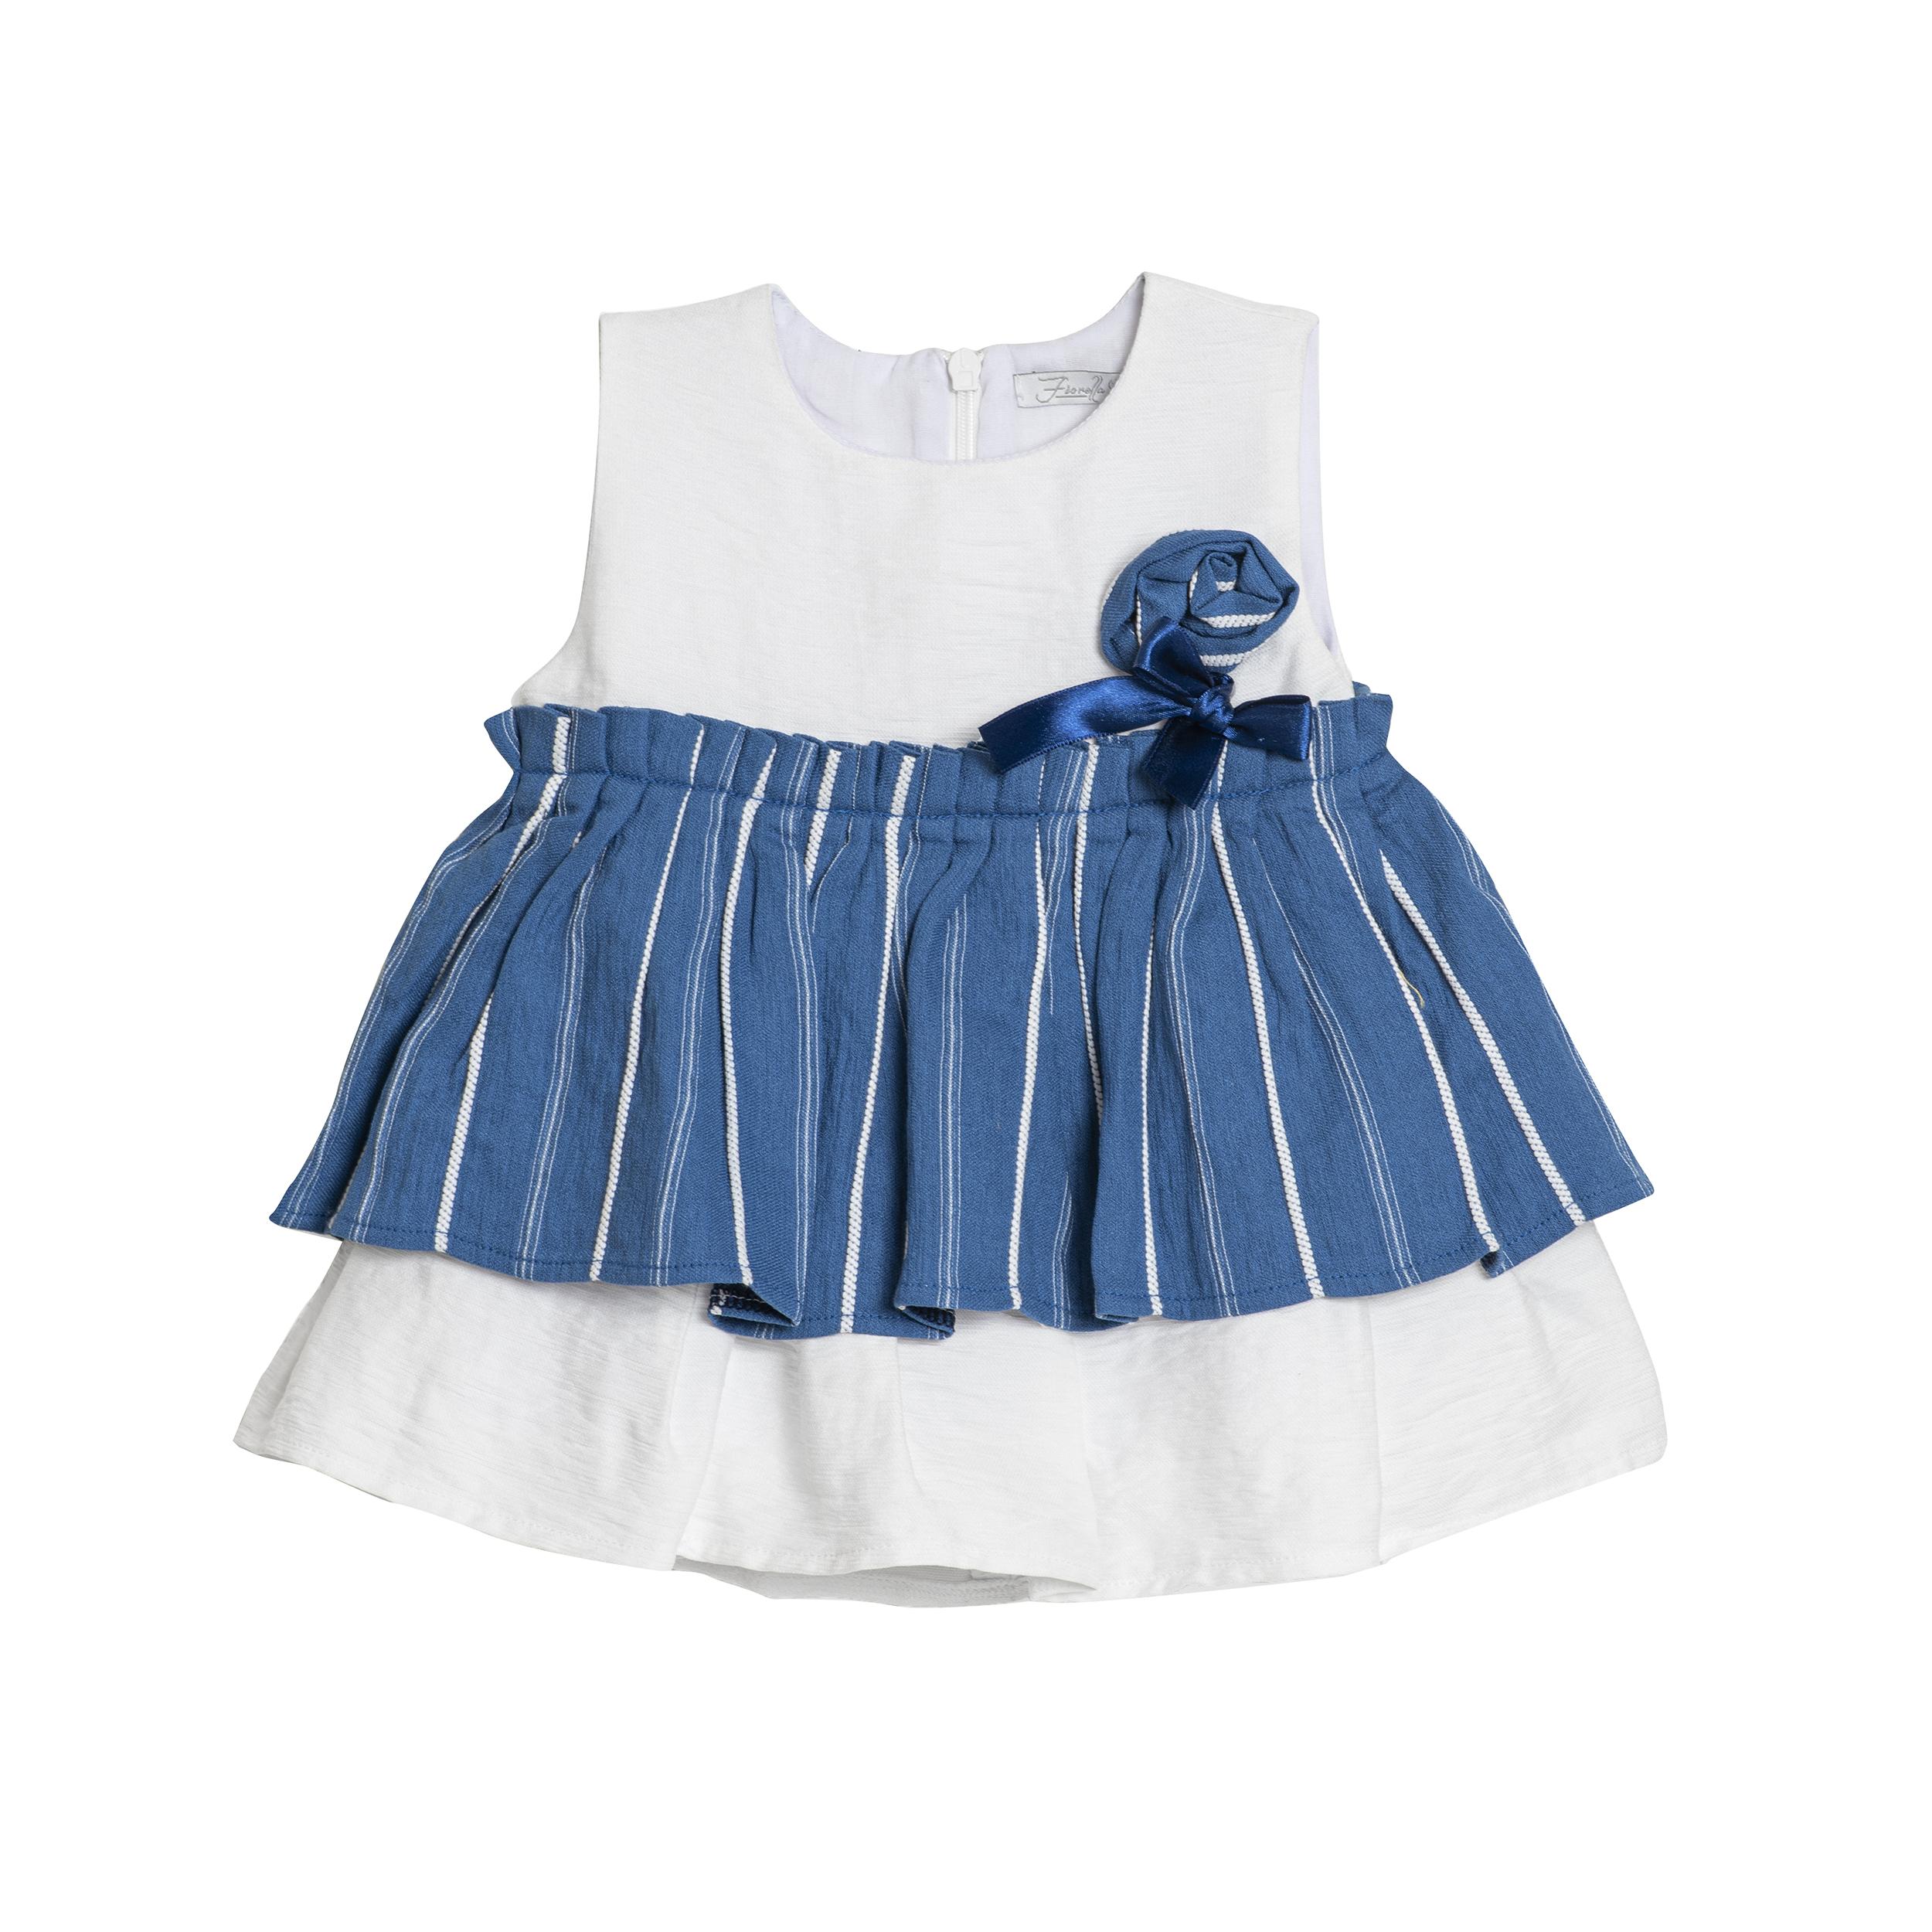 پیراهن نوازدی دخترانه فیورلا کد 2067